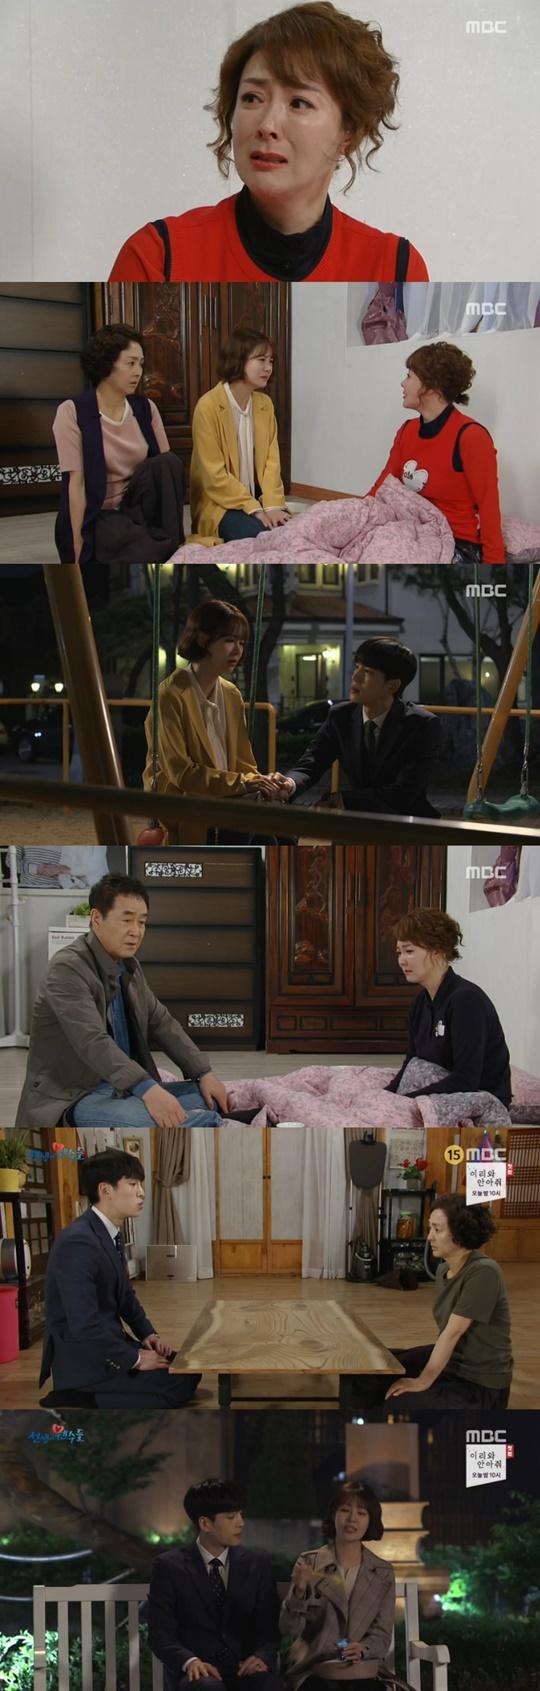 [TV온에어] '전생에 웬수들' 최윤영, 구원 악몽 치료 이유 캐물어 위기 조성